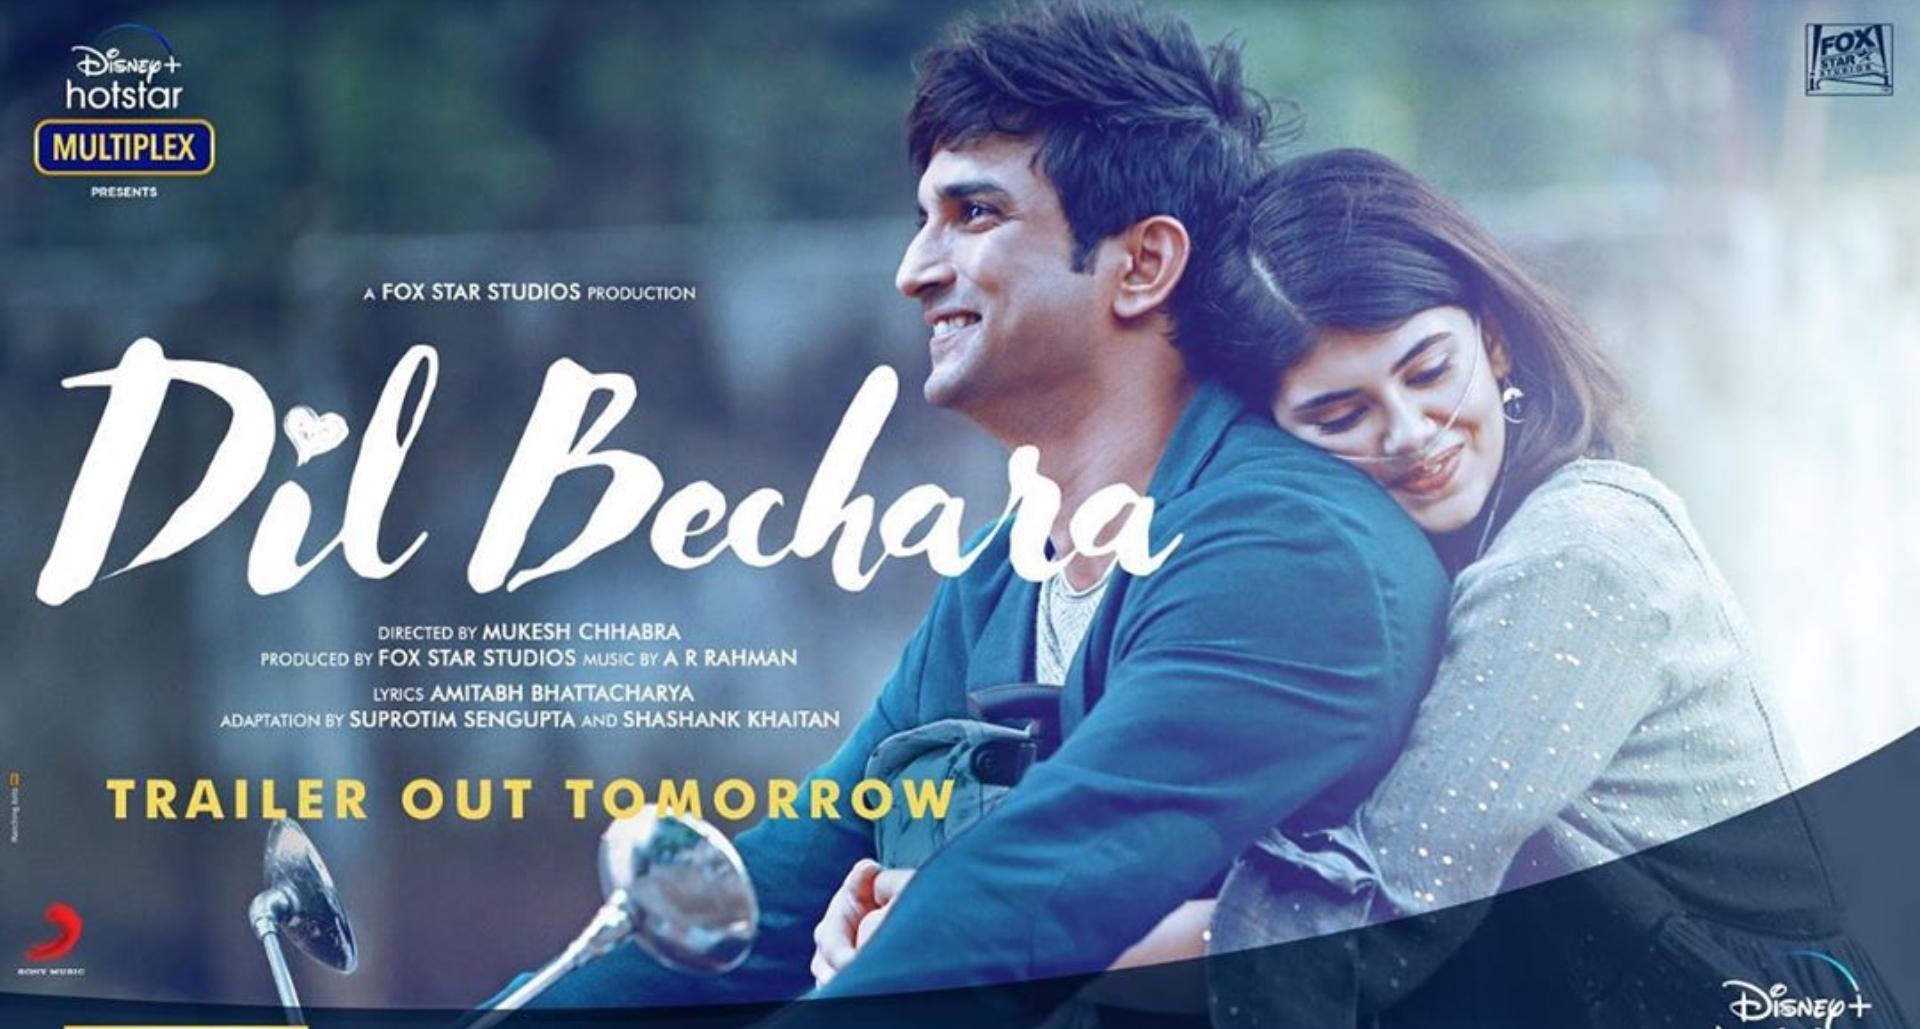 सुशांत सिंह राजपूत की आखिरी फिल्म दिल बेचारा की डिजिटल रिलीज के विरोध पर को-स्टार संजना संघी ने की भावुक अपील